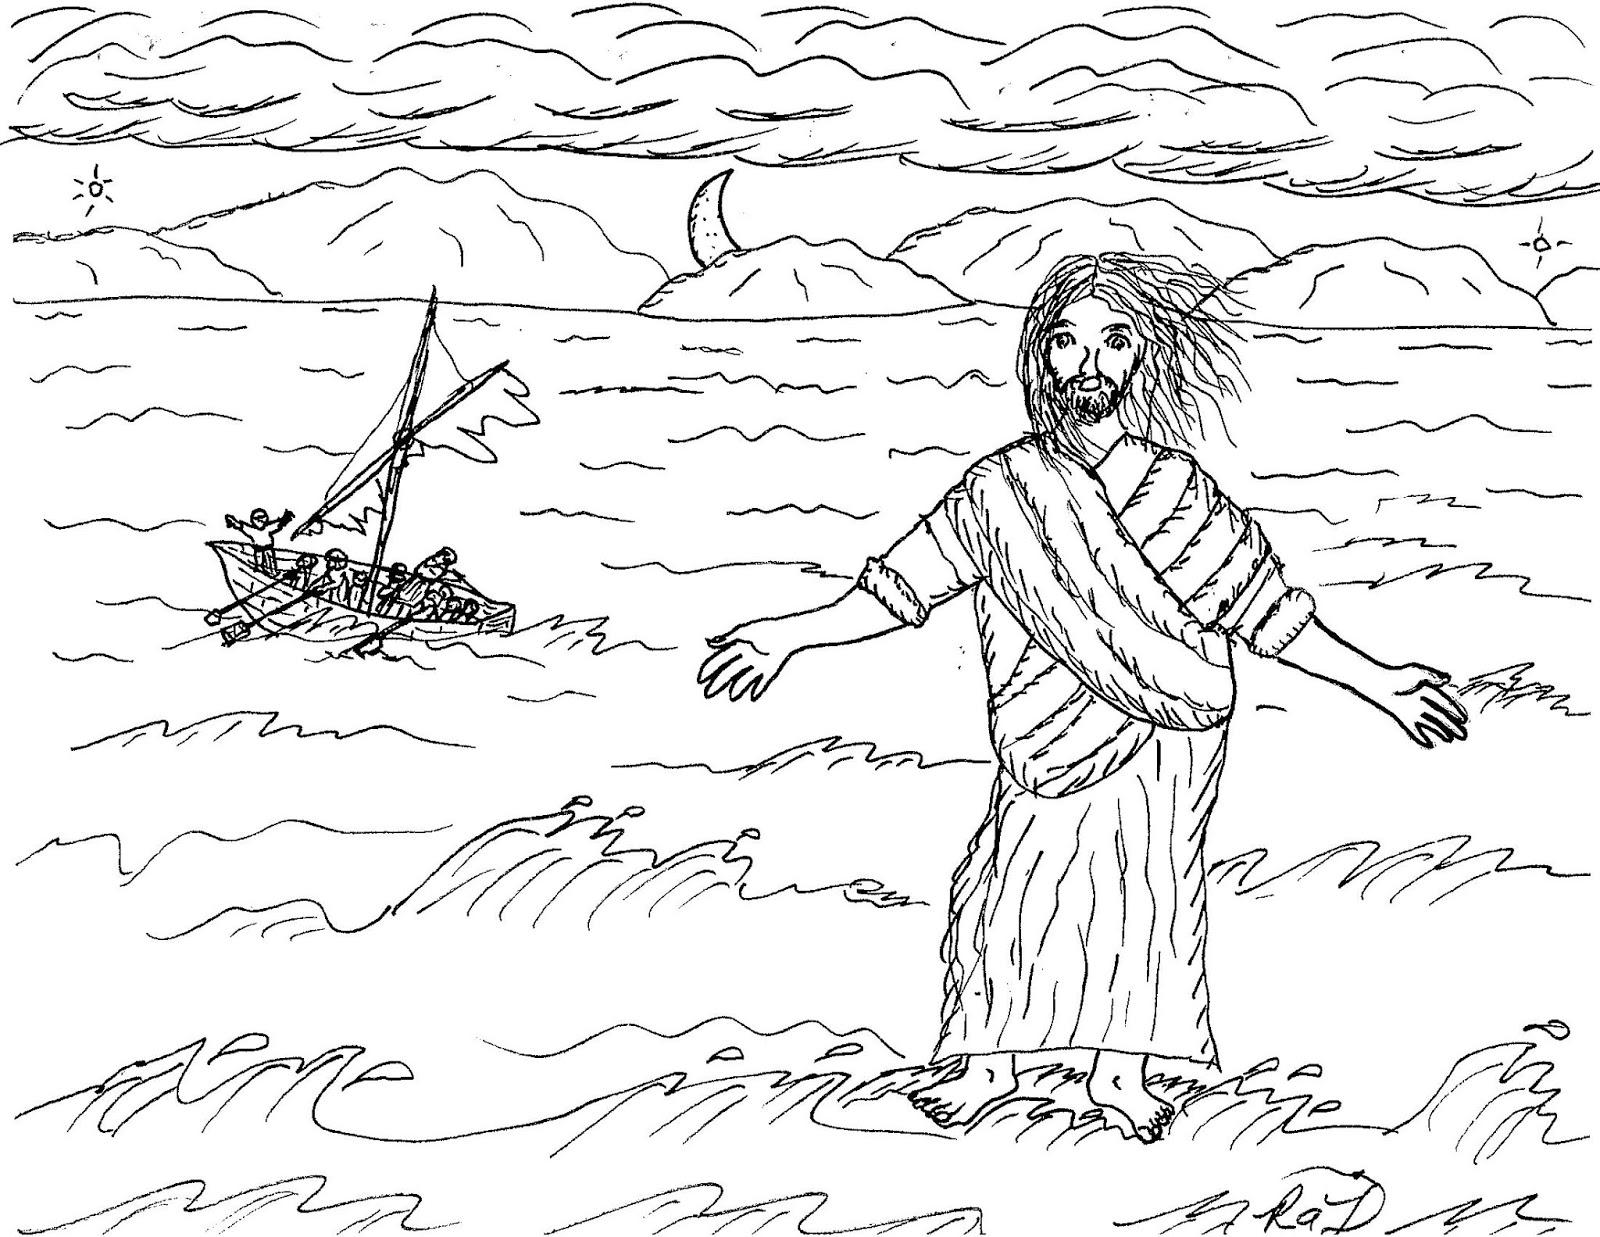 Robin S Great Coloring Pages Jesus Caminando Sobre El Agua